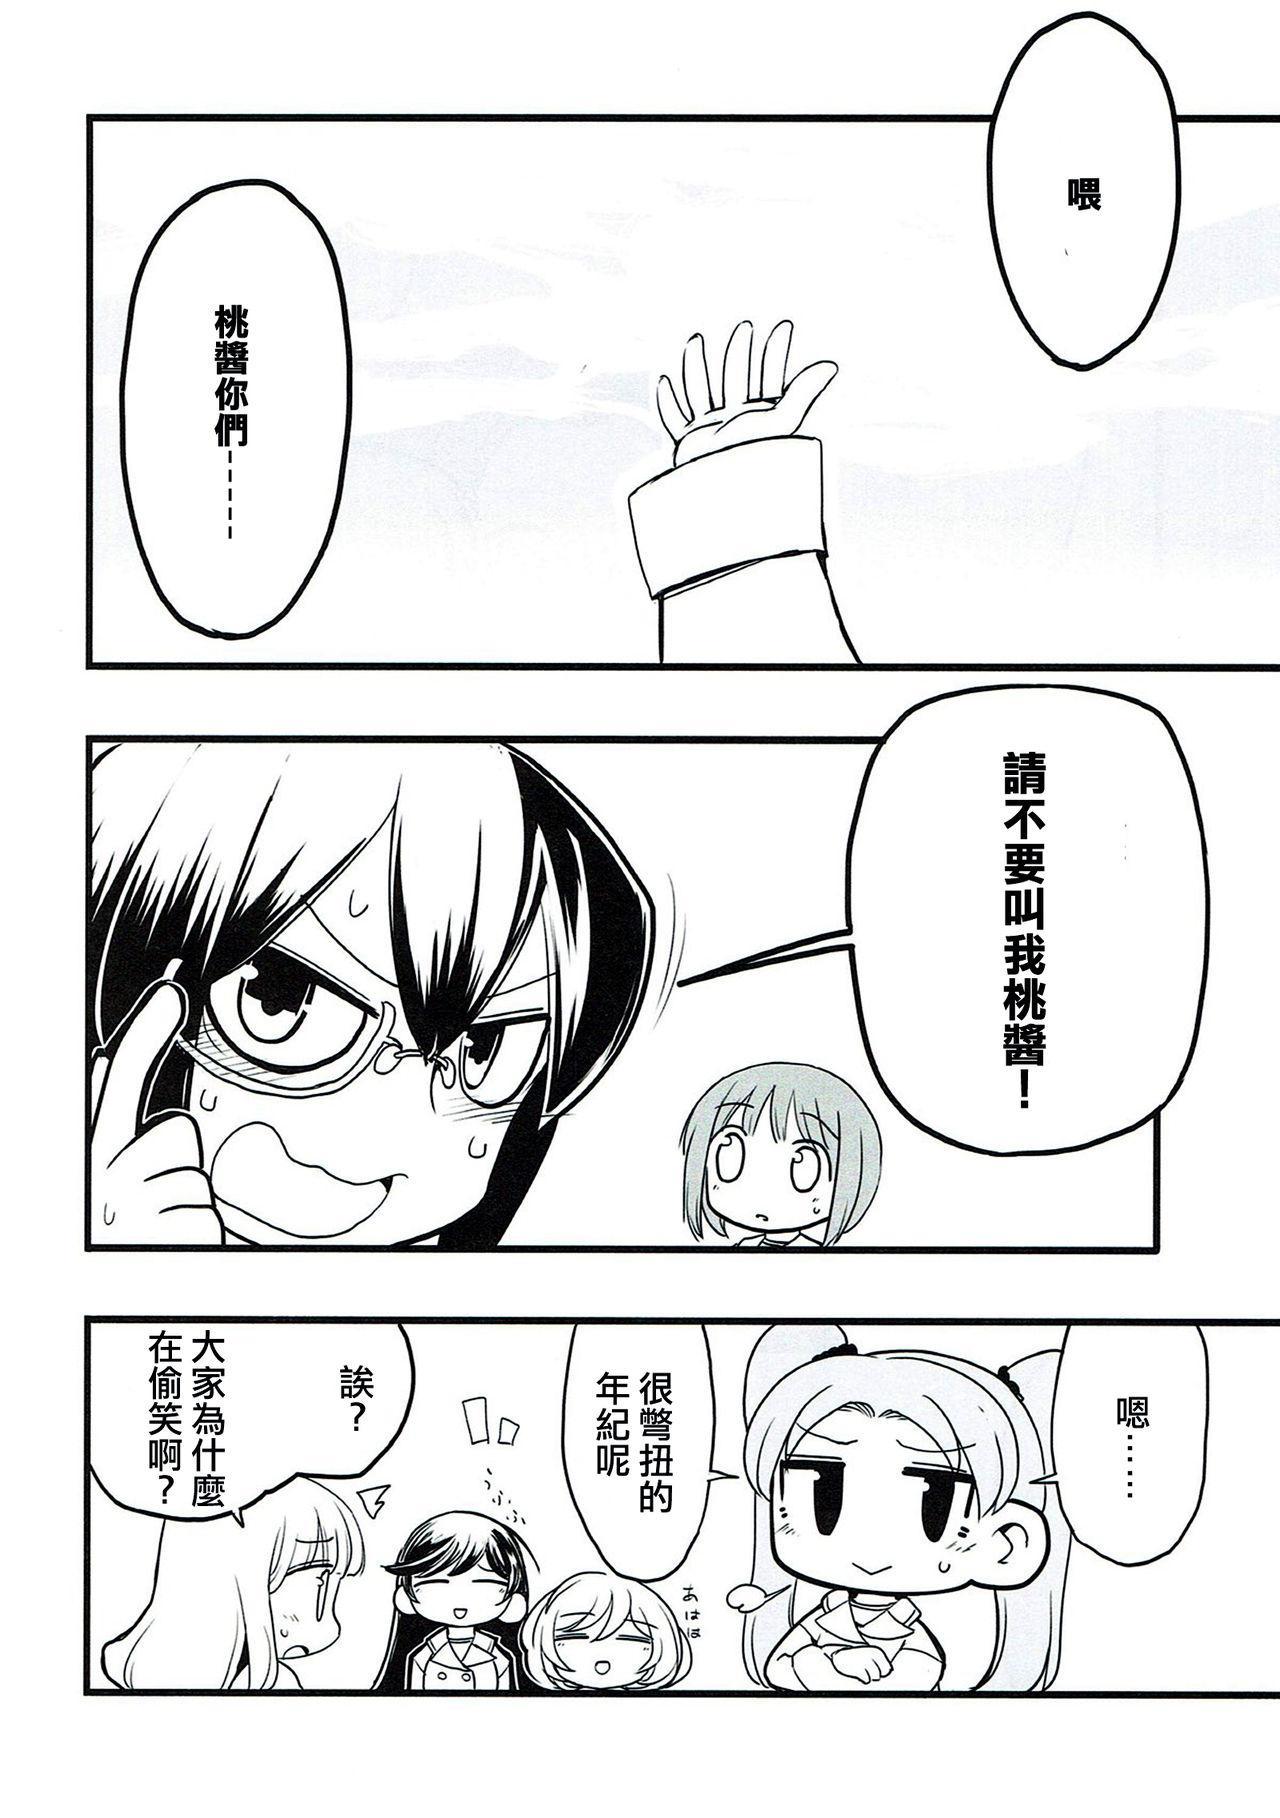 Kyou AnMomo wa Yuri Ecchi o Suru. 19